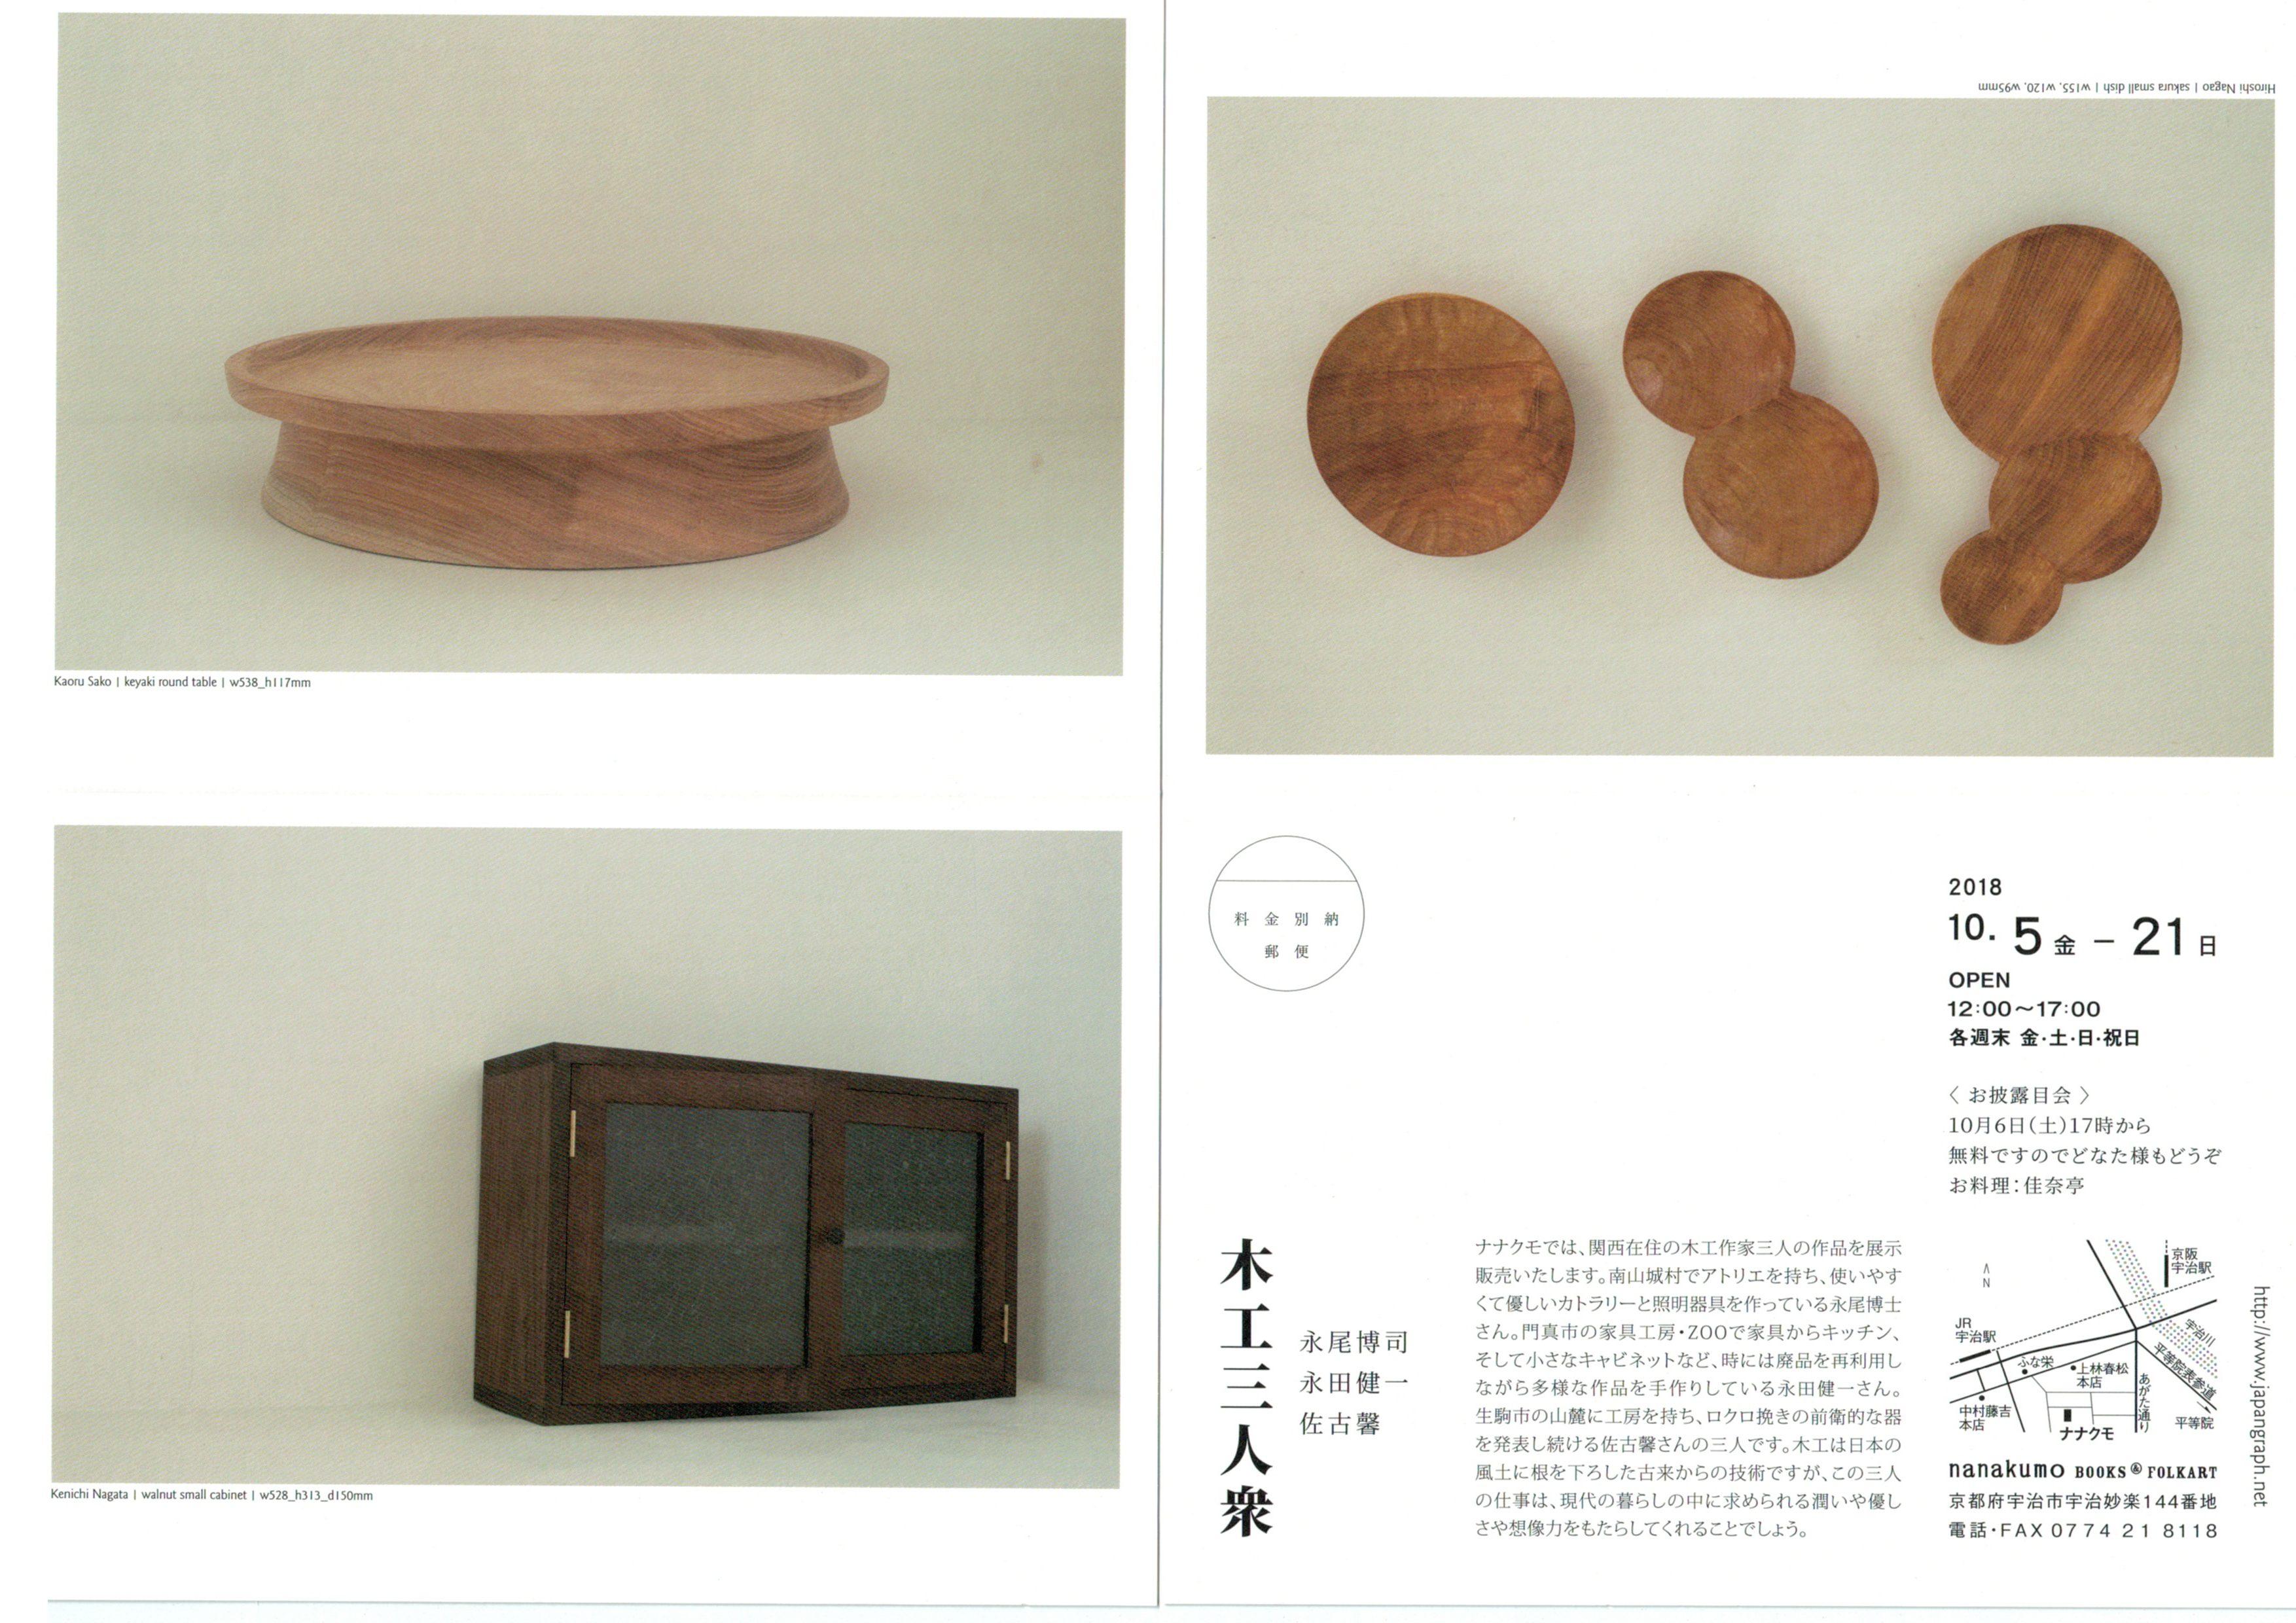 木工三人衆 京都宇治展示会です